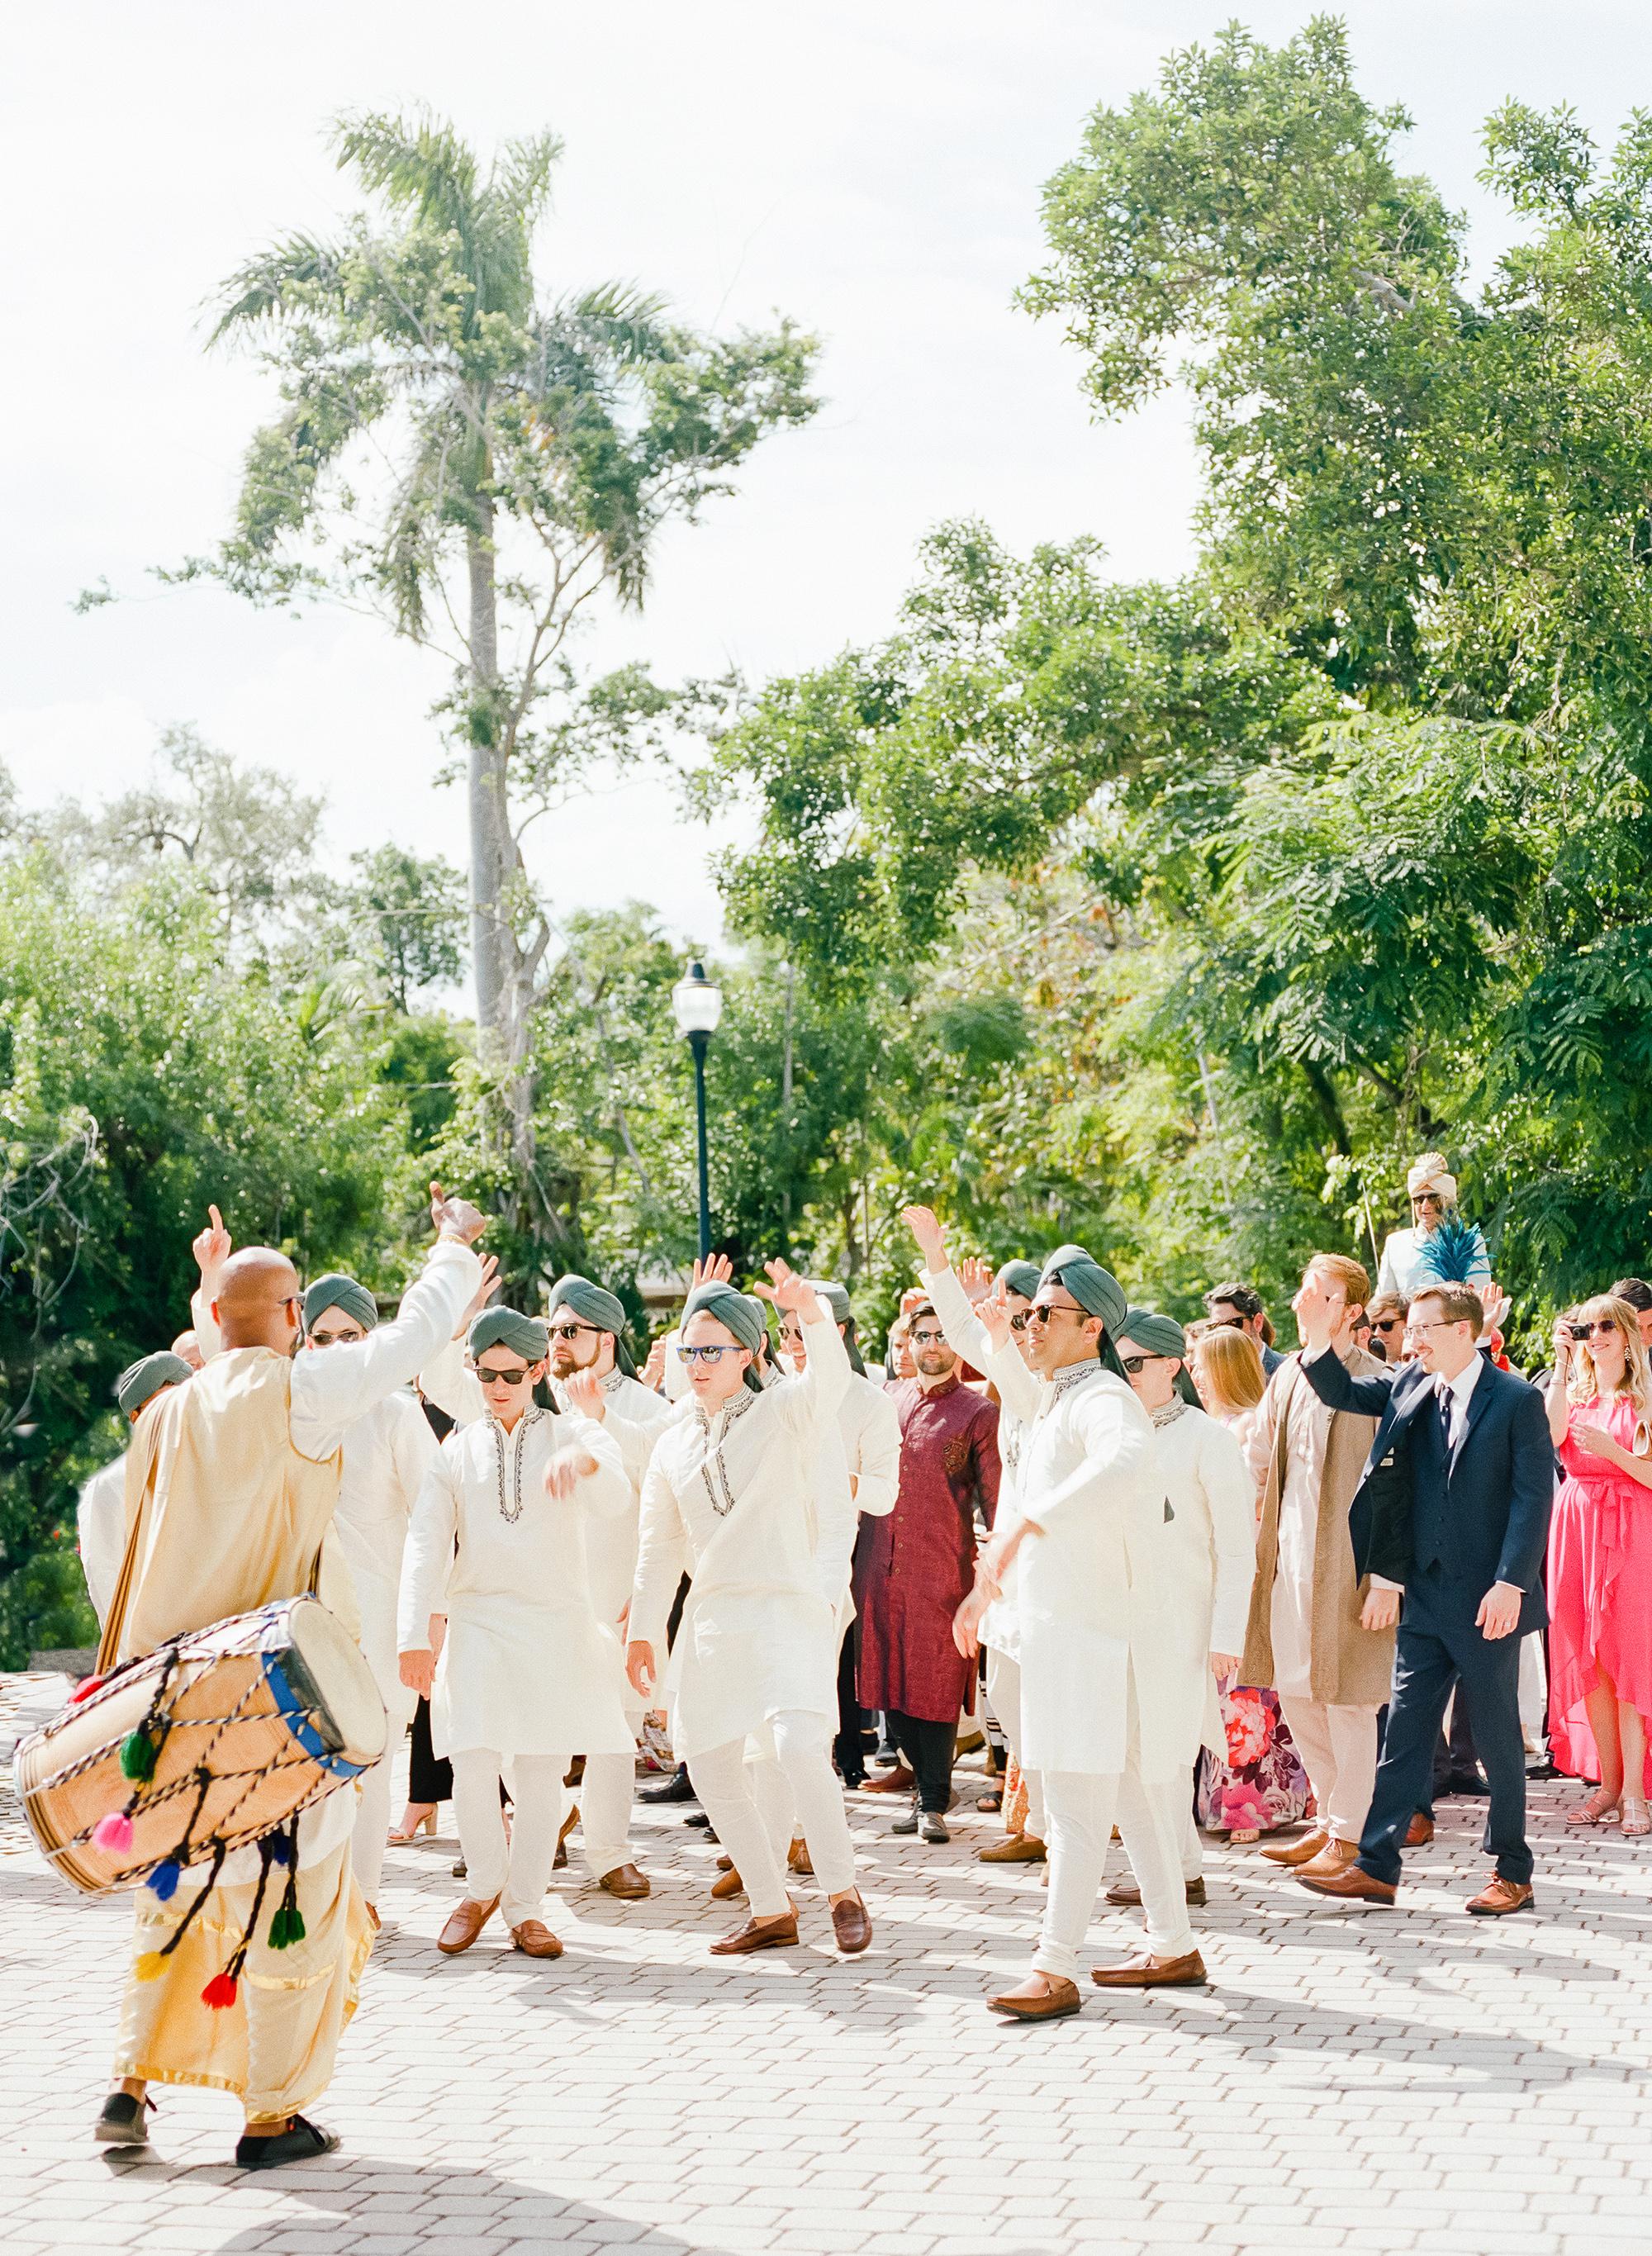 anuja nikhil wedding baraat with bridesmaids